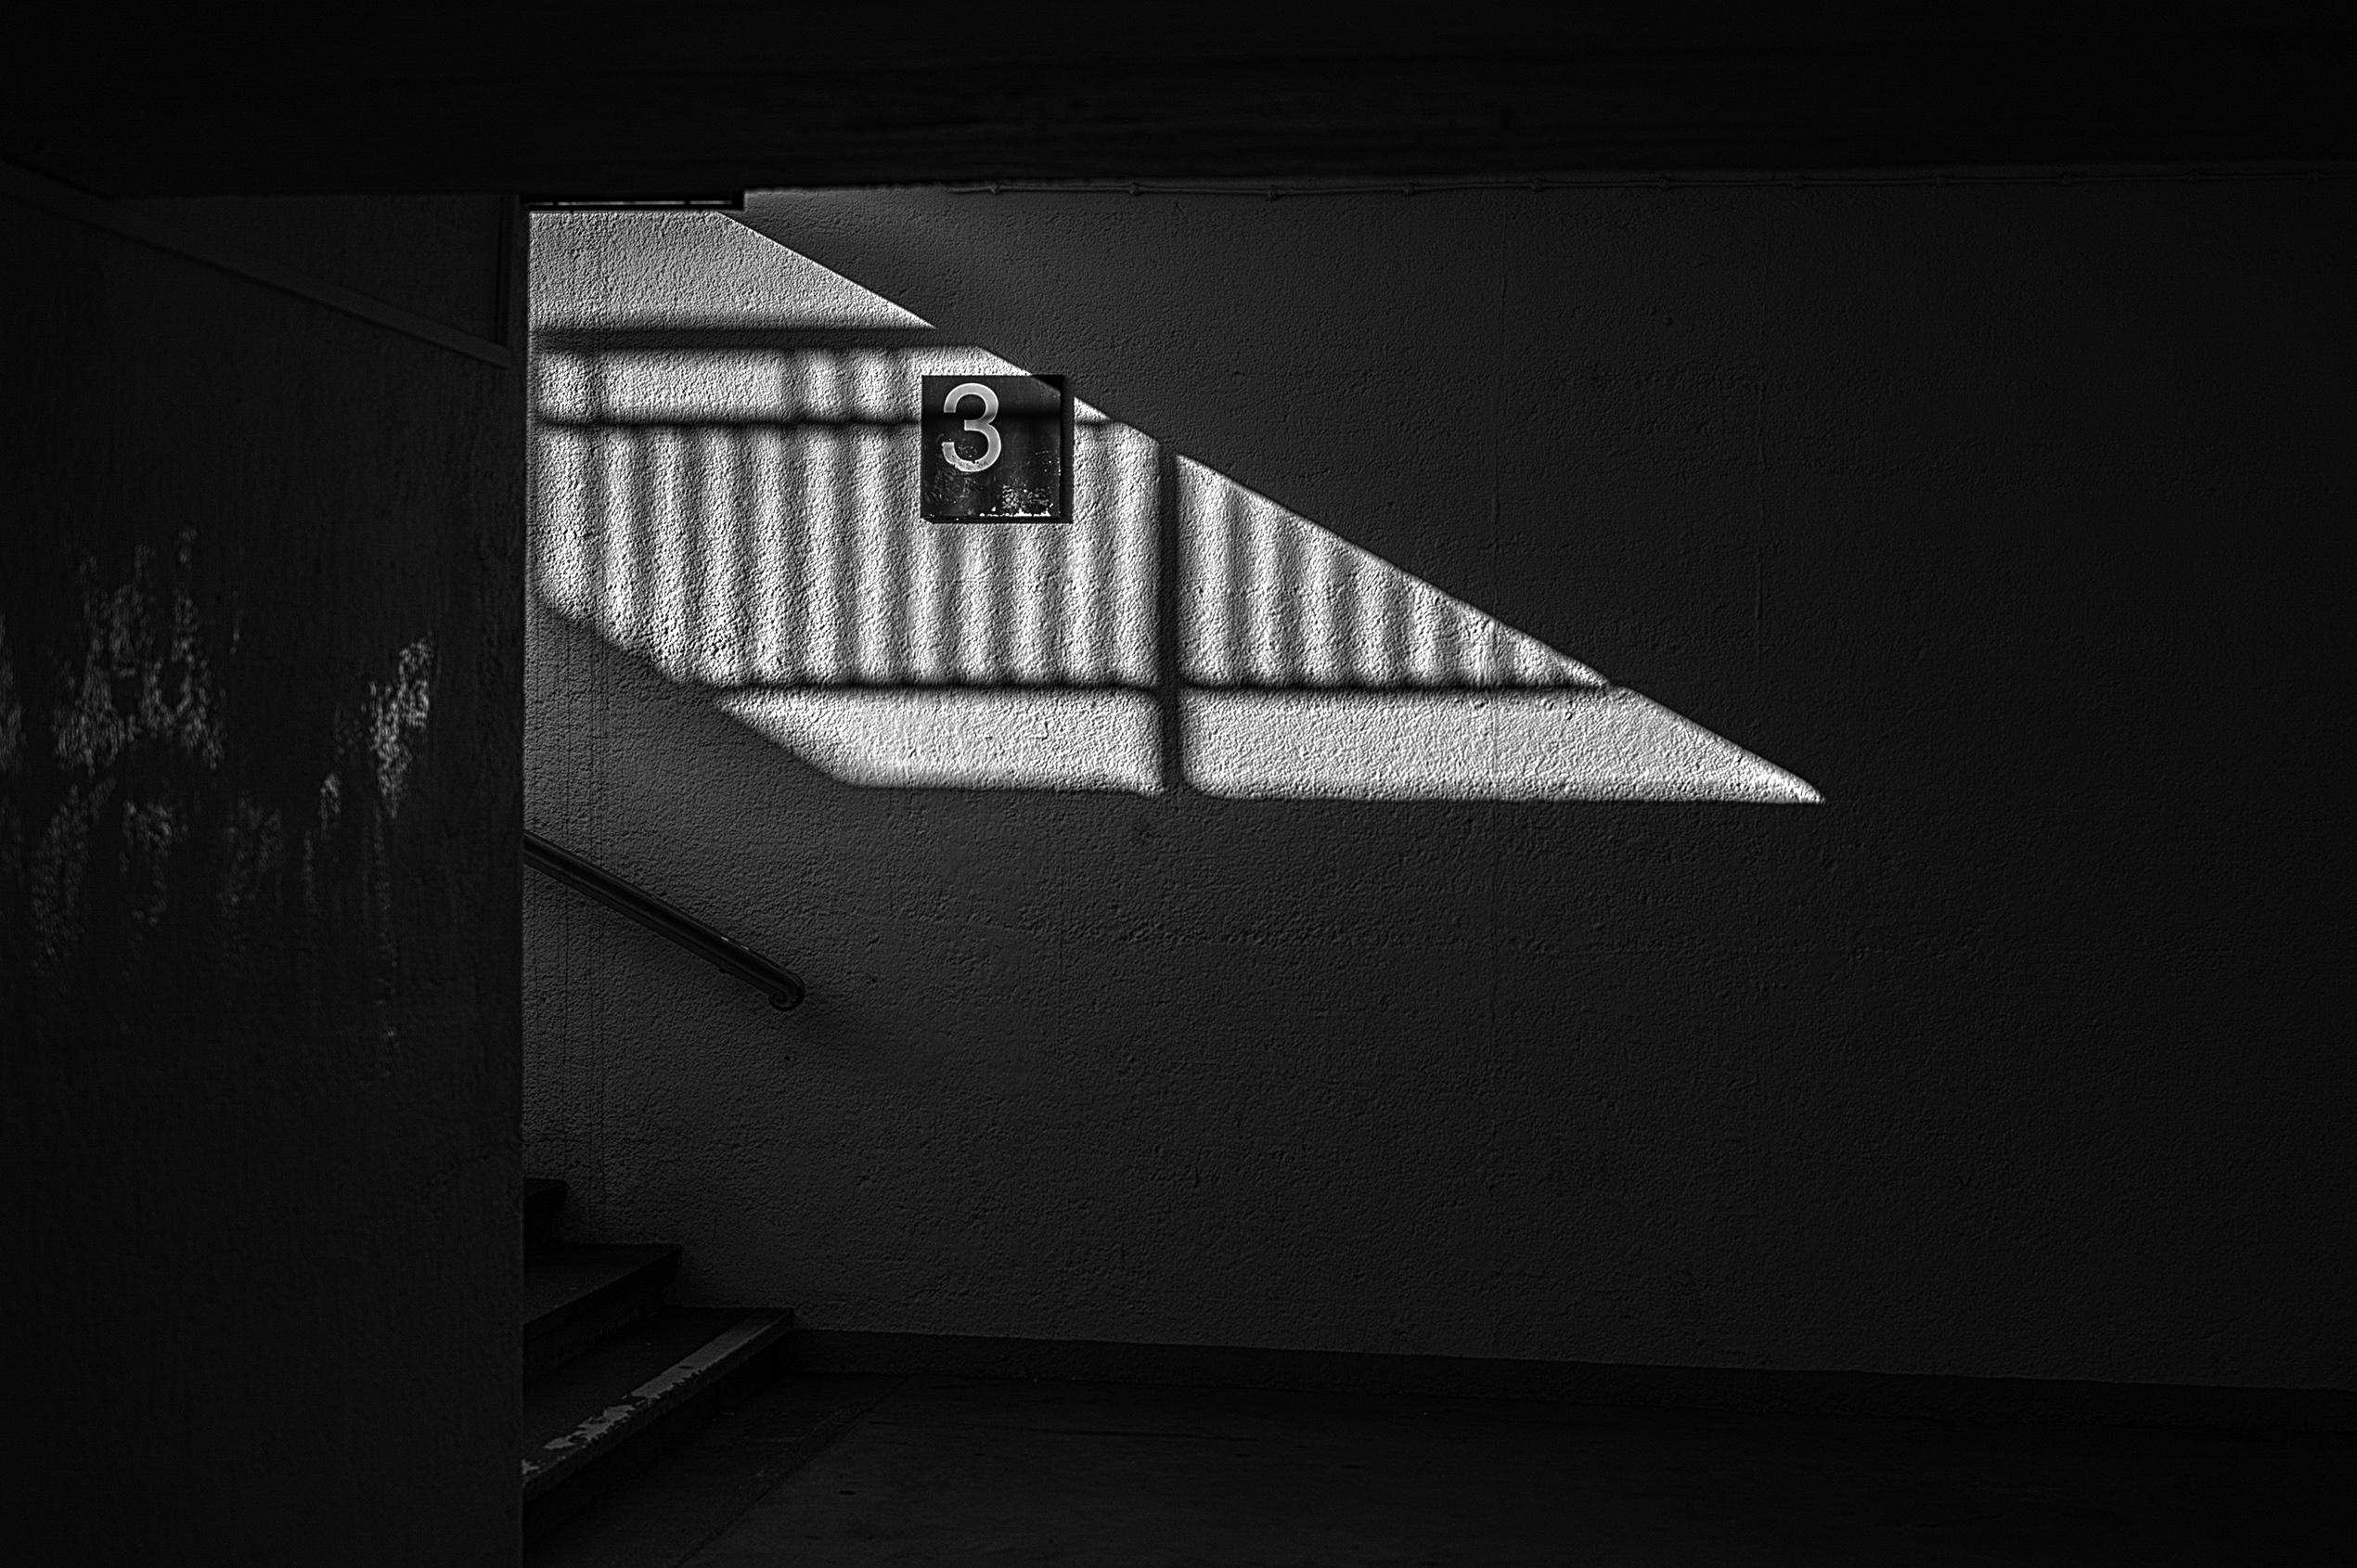 2015-11-05-Weinheim-L1003775 by Roger Schäfer.